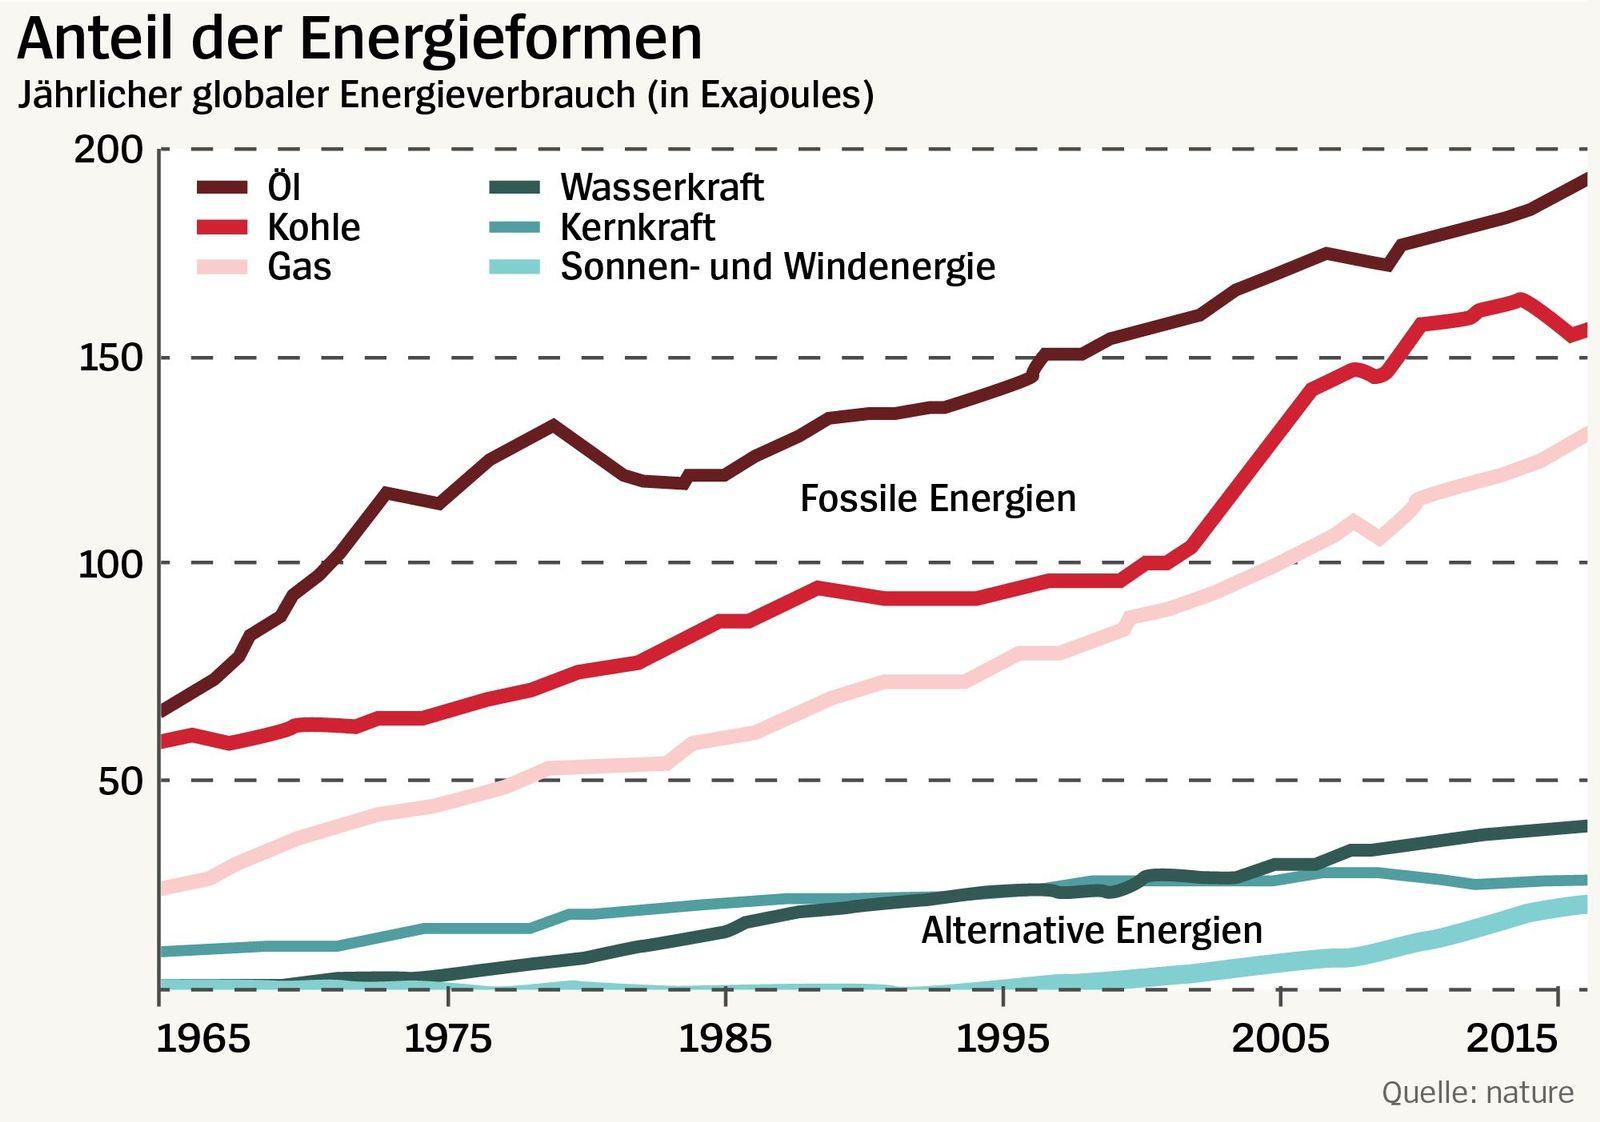 Anteil der Energieformen